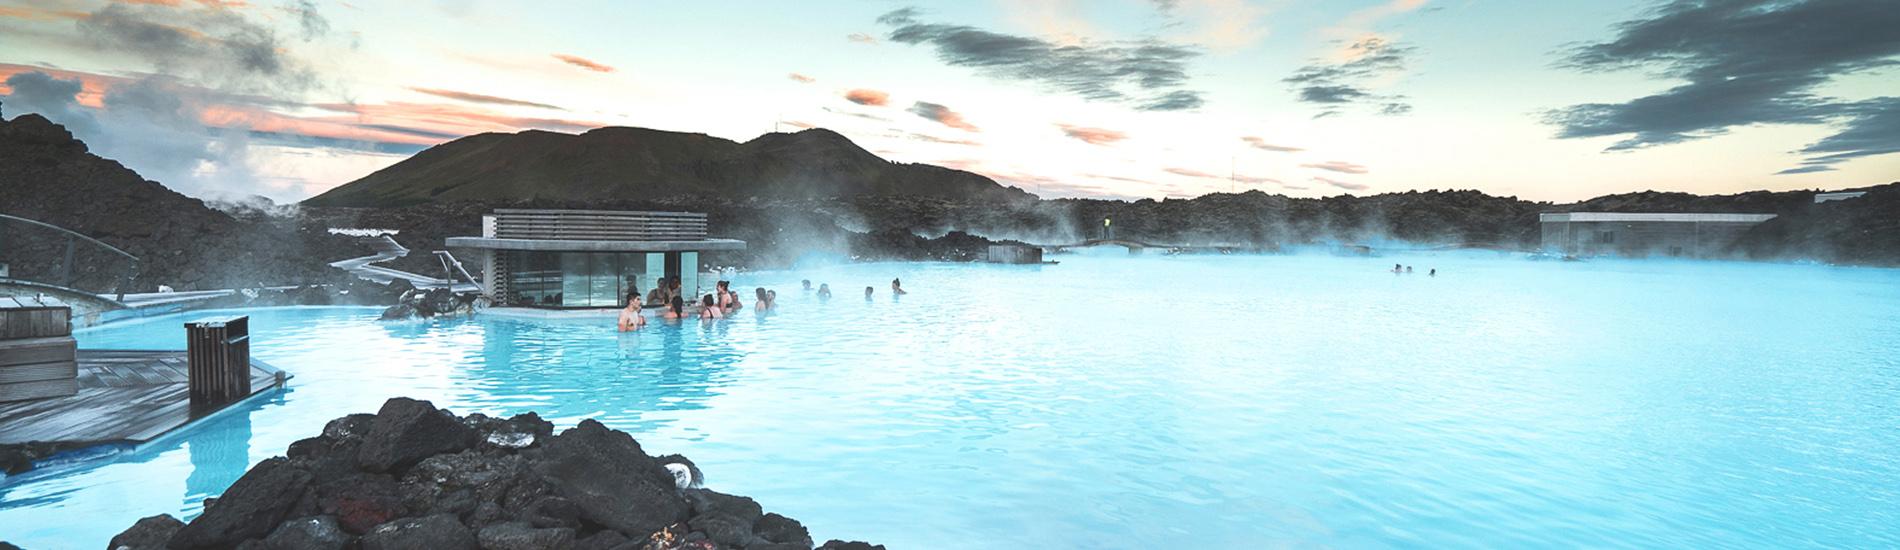 Blue Lagoon溫泉酒店